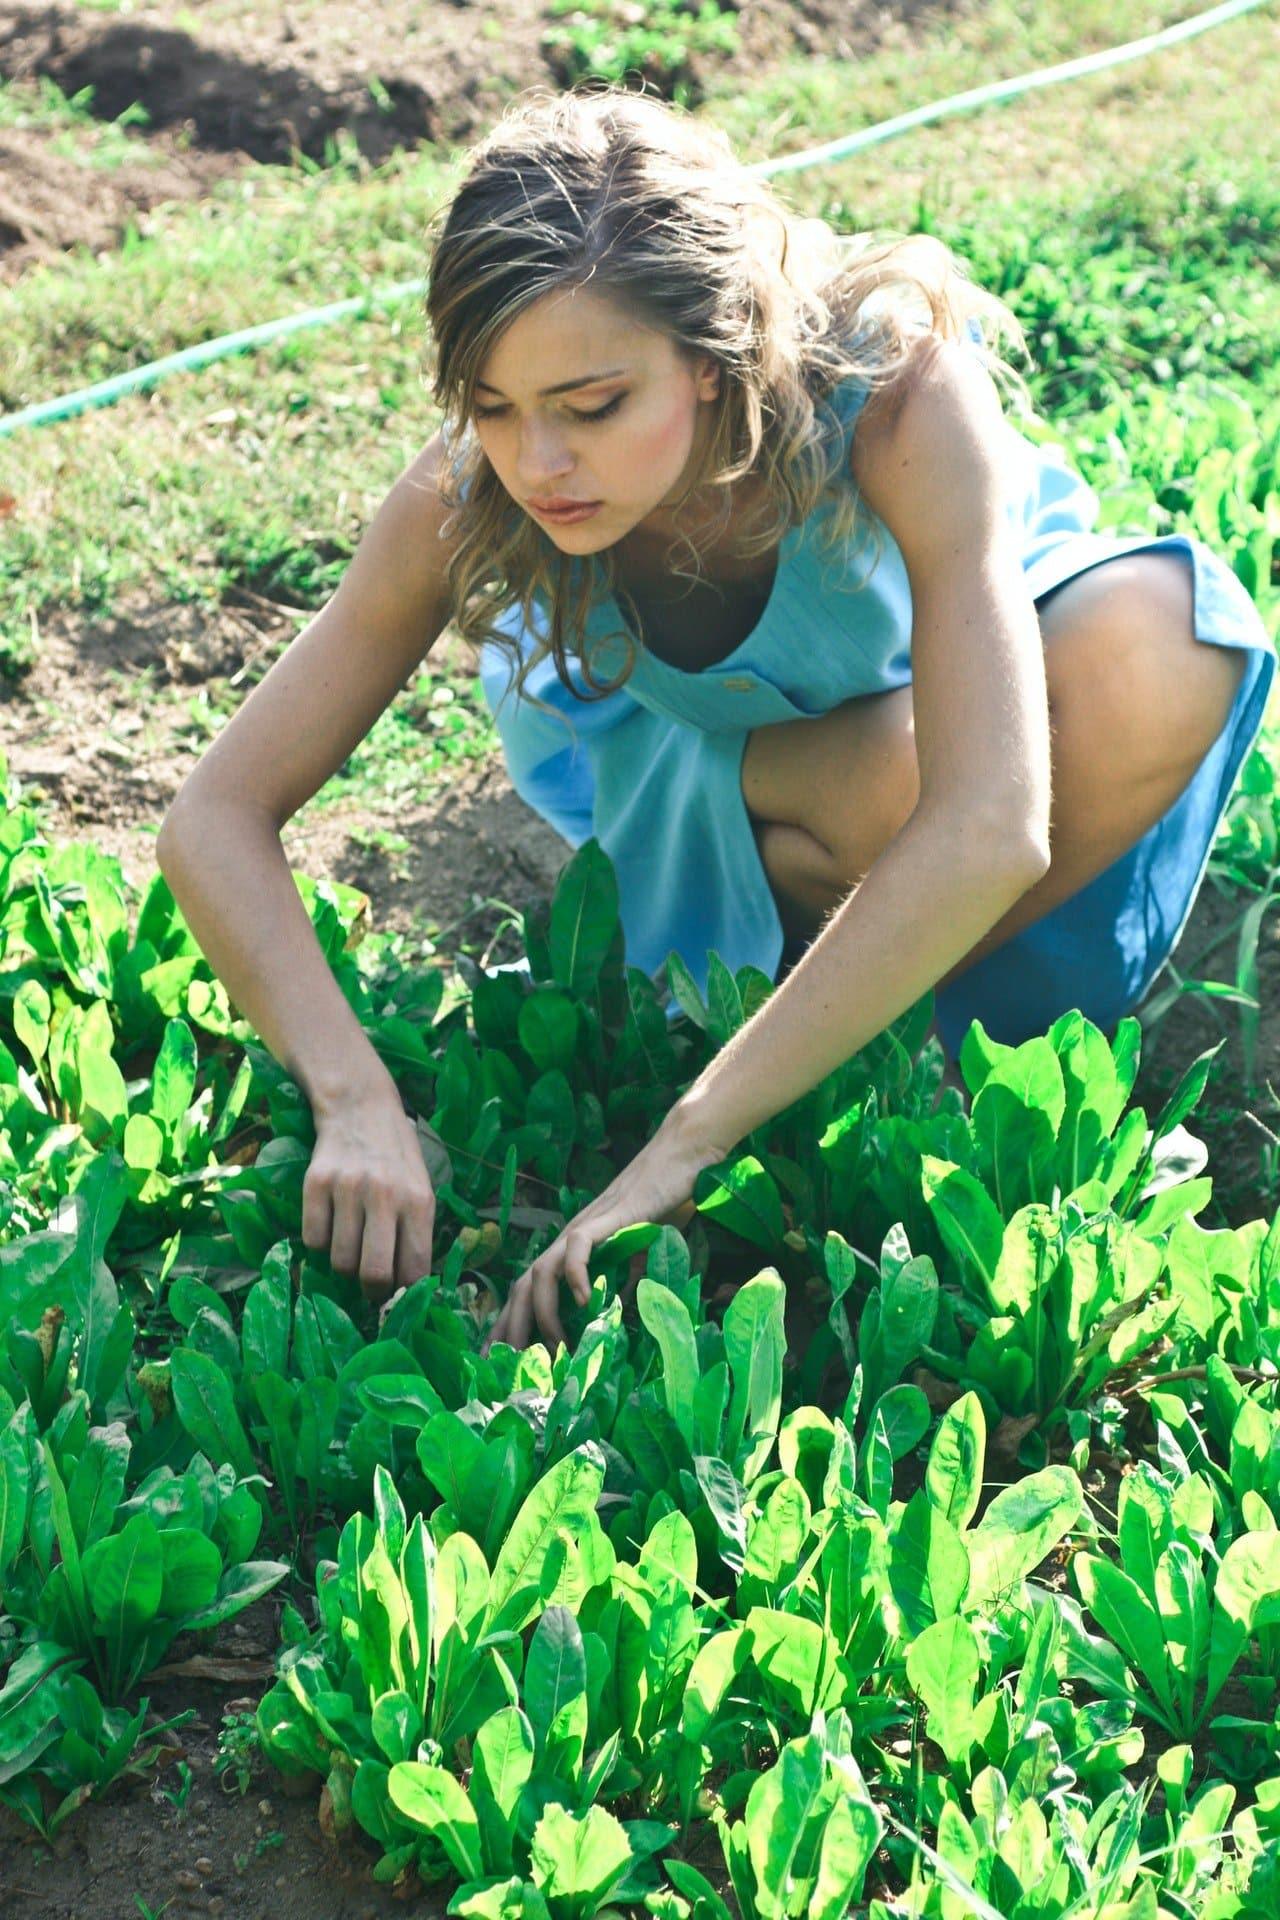 Žena pracuje v záhrade